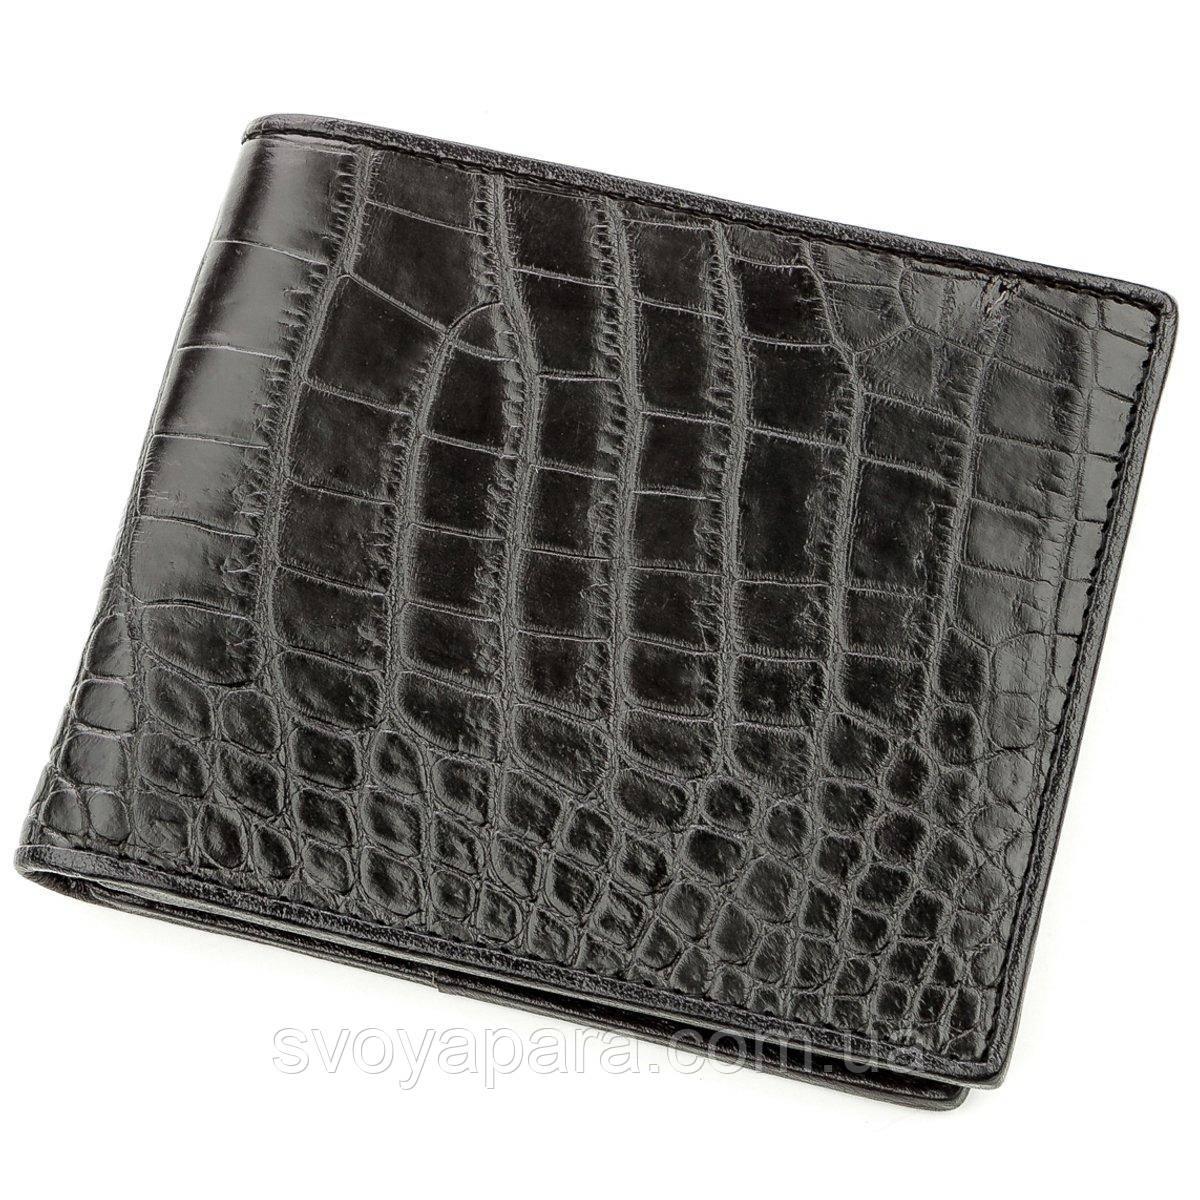 Бумажник мужской CROCODILE LEATHER 18578 из натуральной кожи крокодила Черный